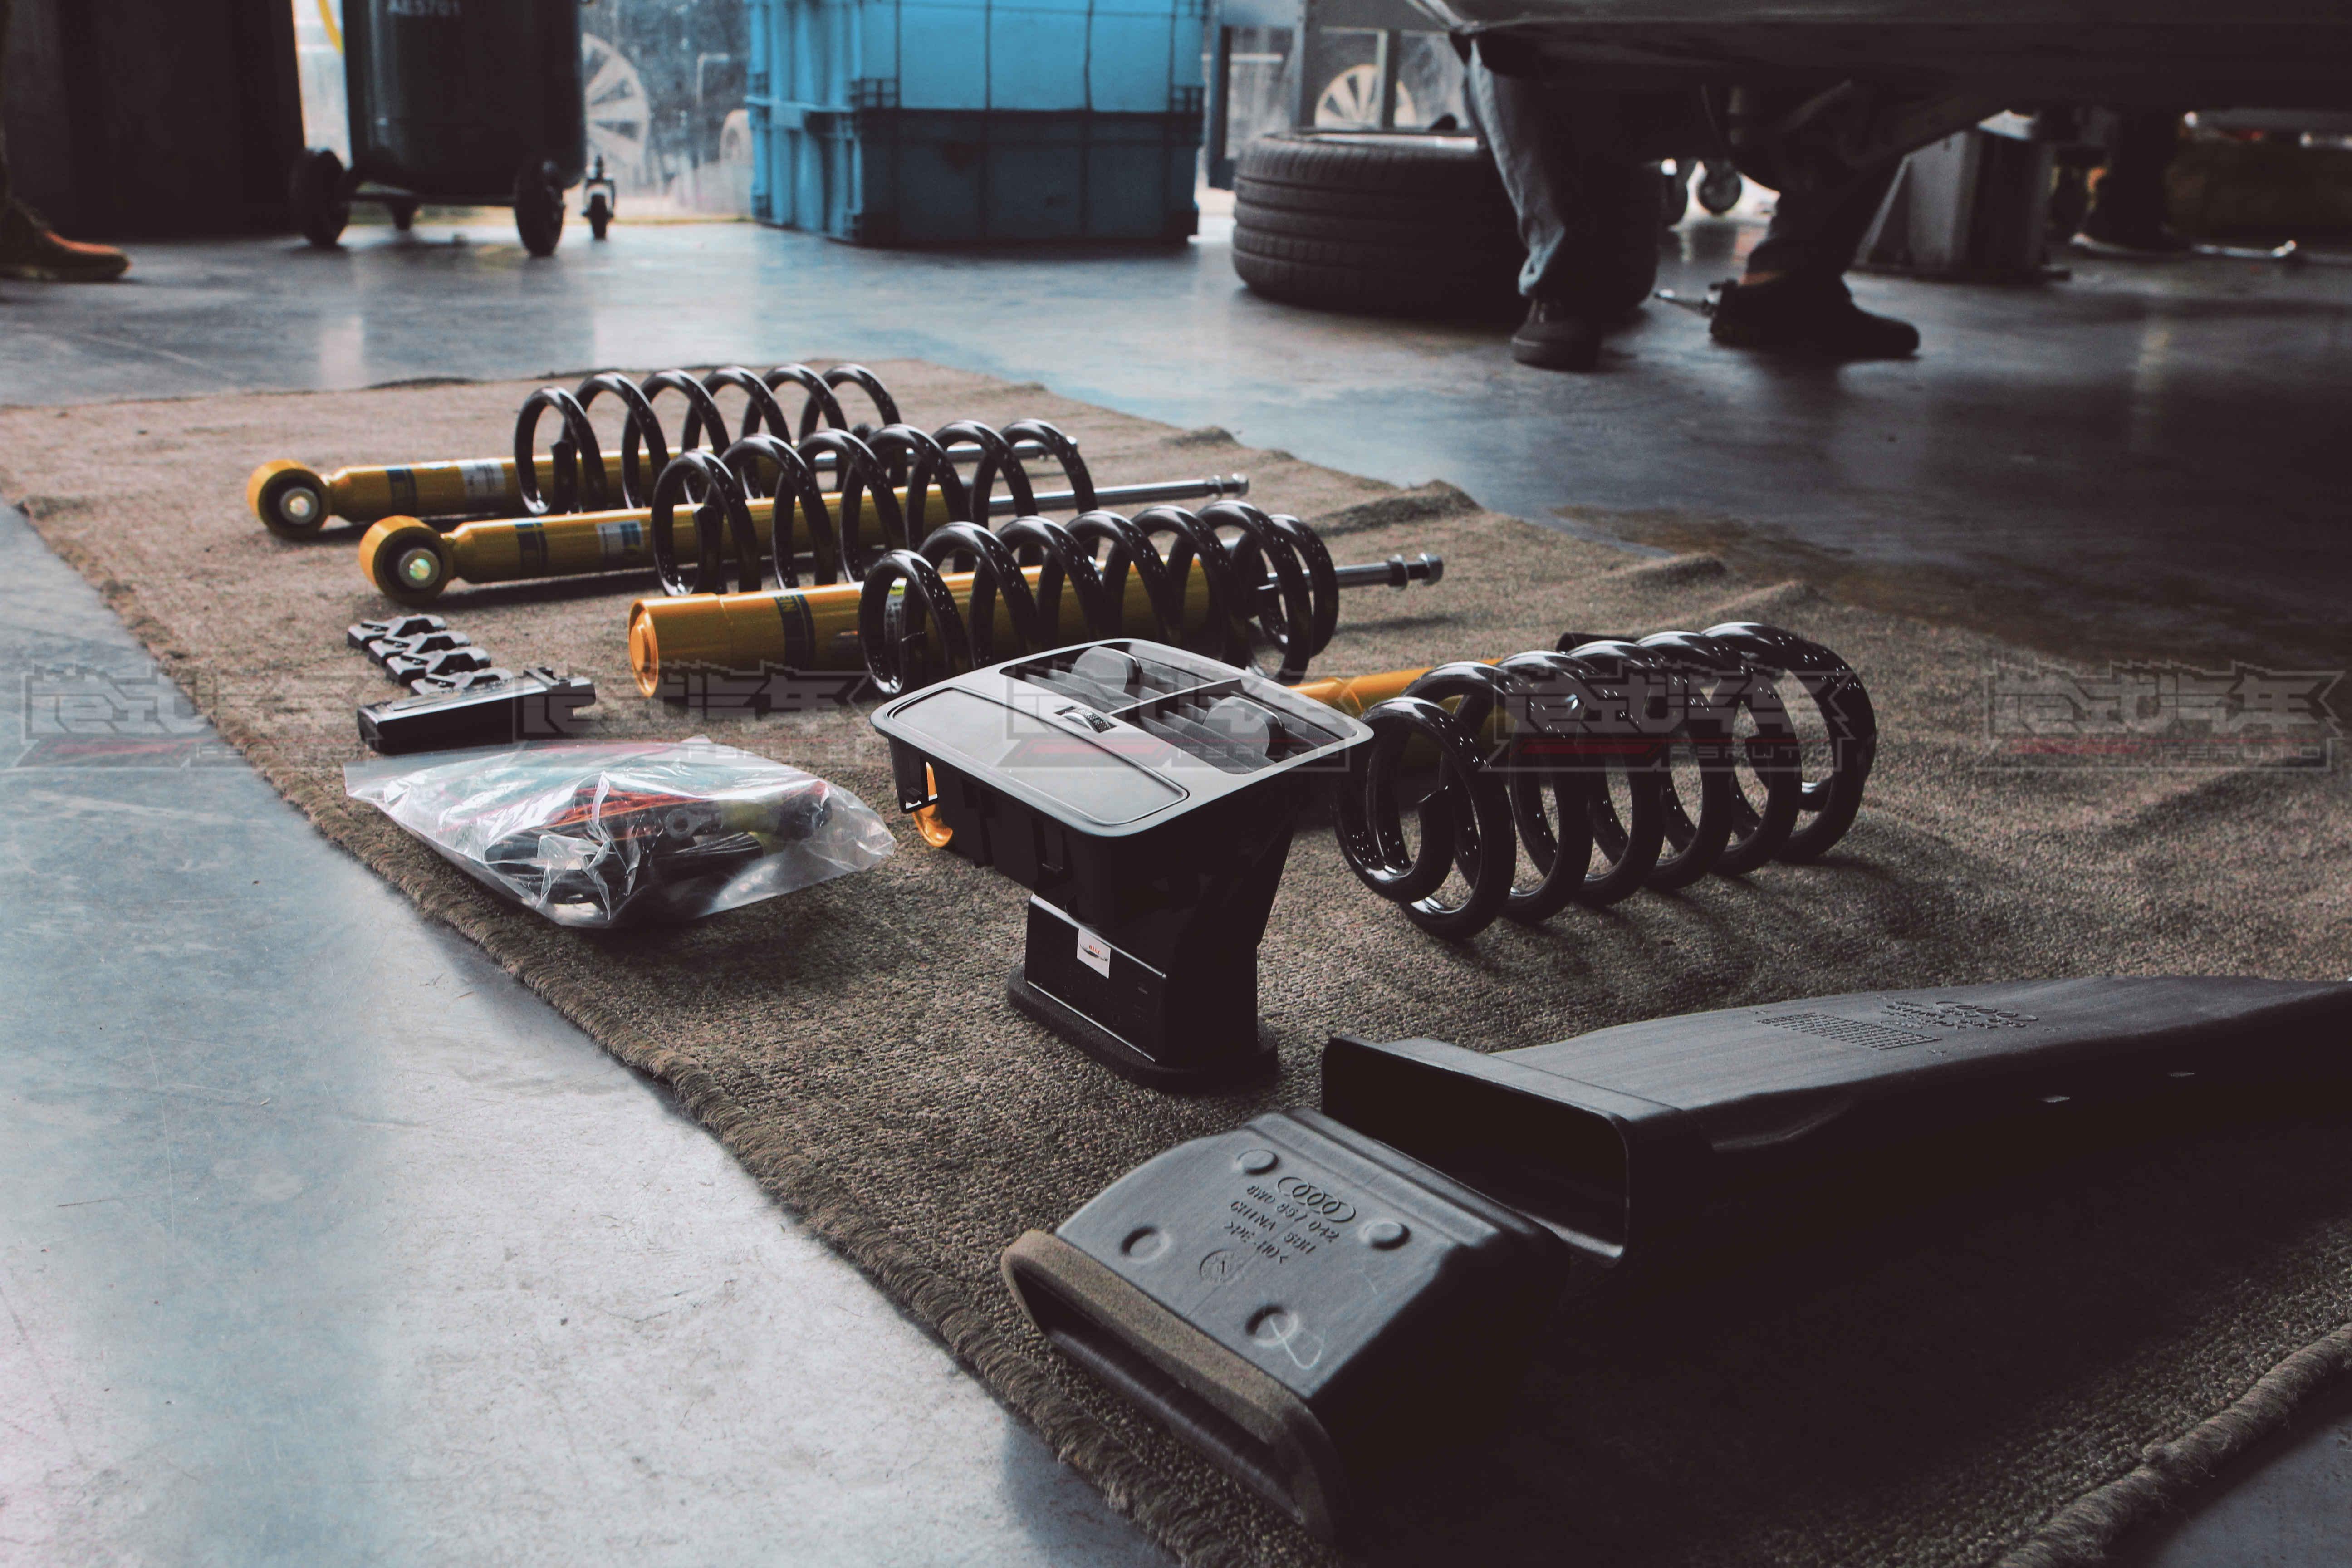 奥迪A4LB9 更换B12避震、短簧,加装实时胎压、倒车影像、后排出风口+一阶ECU